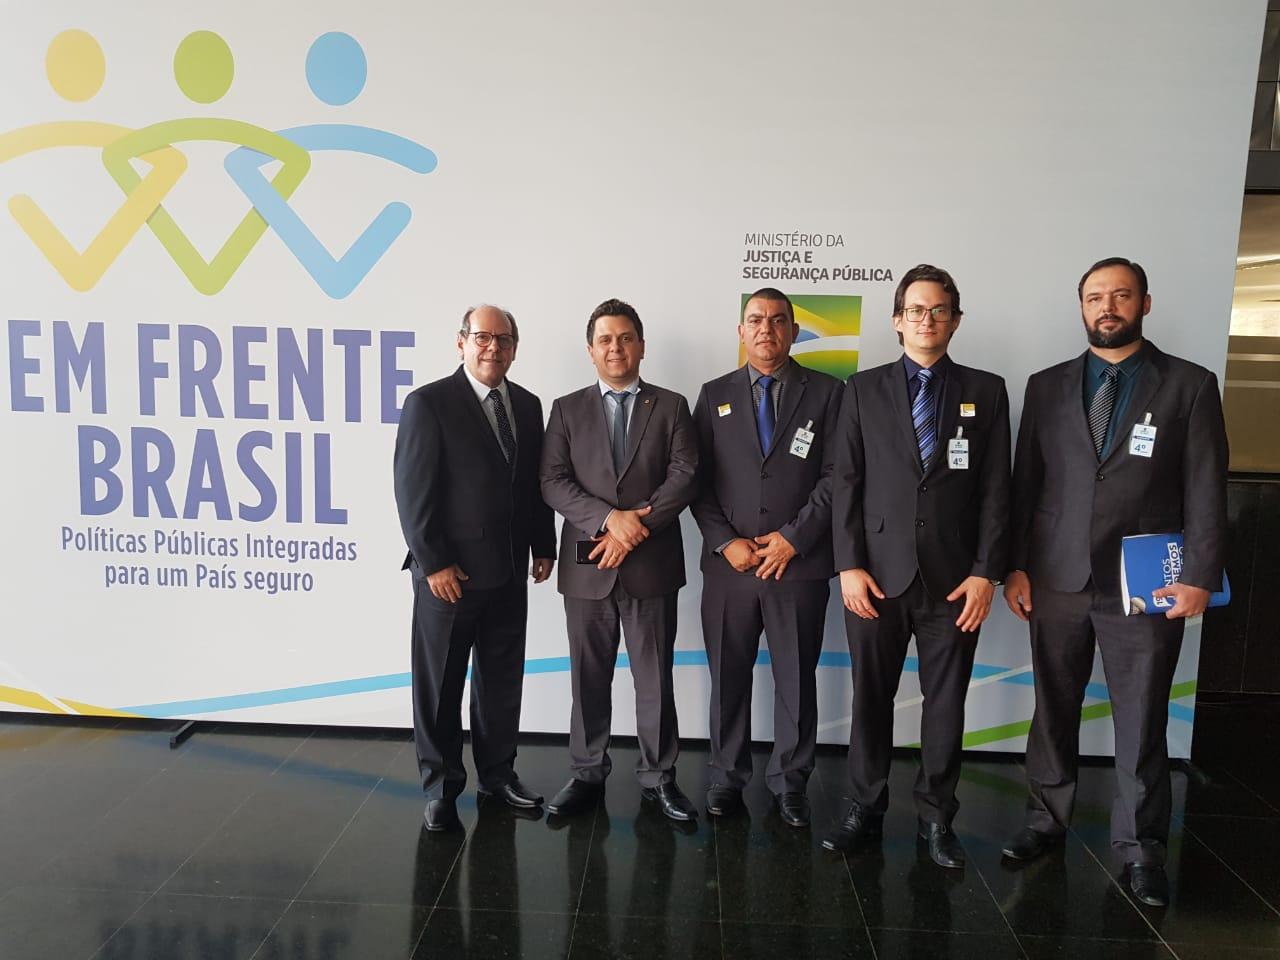 Com objetivo de agilizar implantação da Guarda Municipal, Tiago Dimas e Ronaldo Dimas participam de reunião no Ministério da Justiça